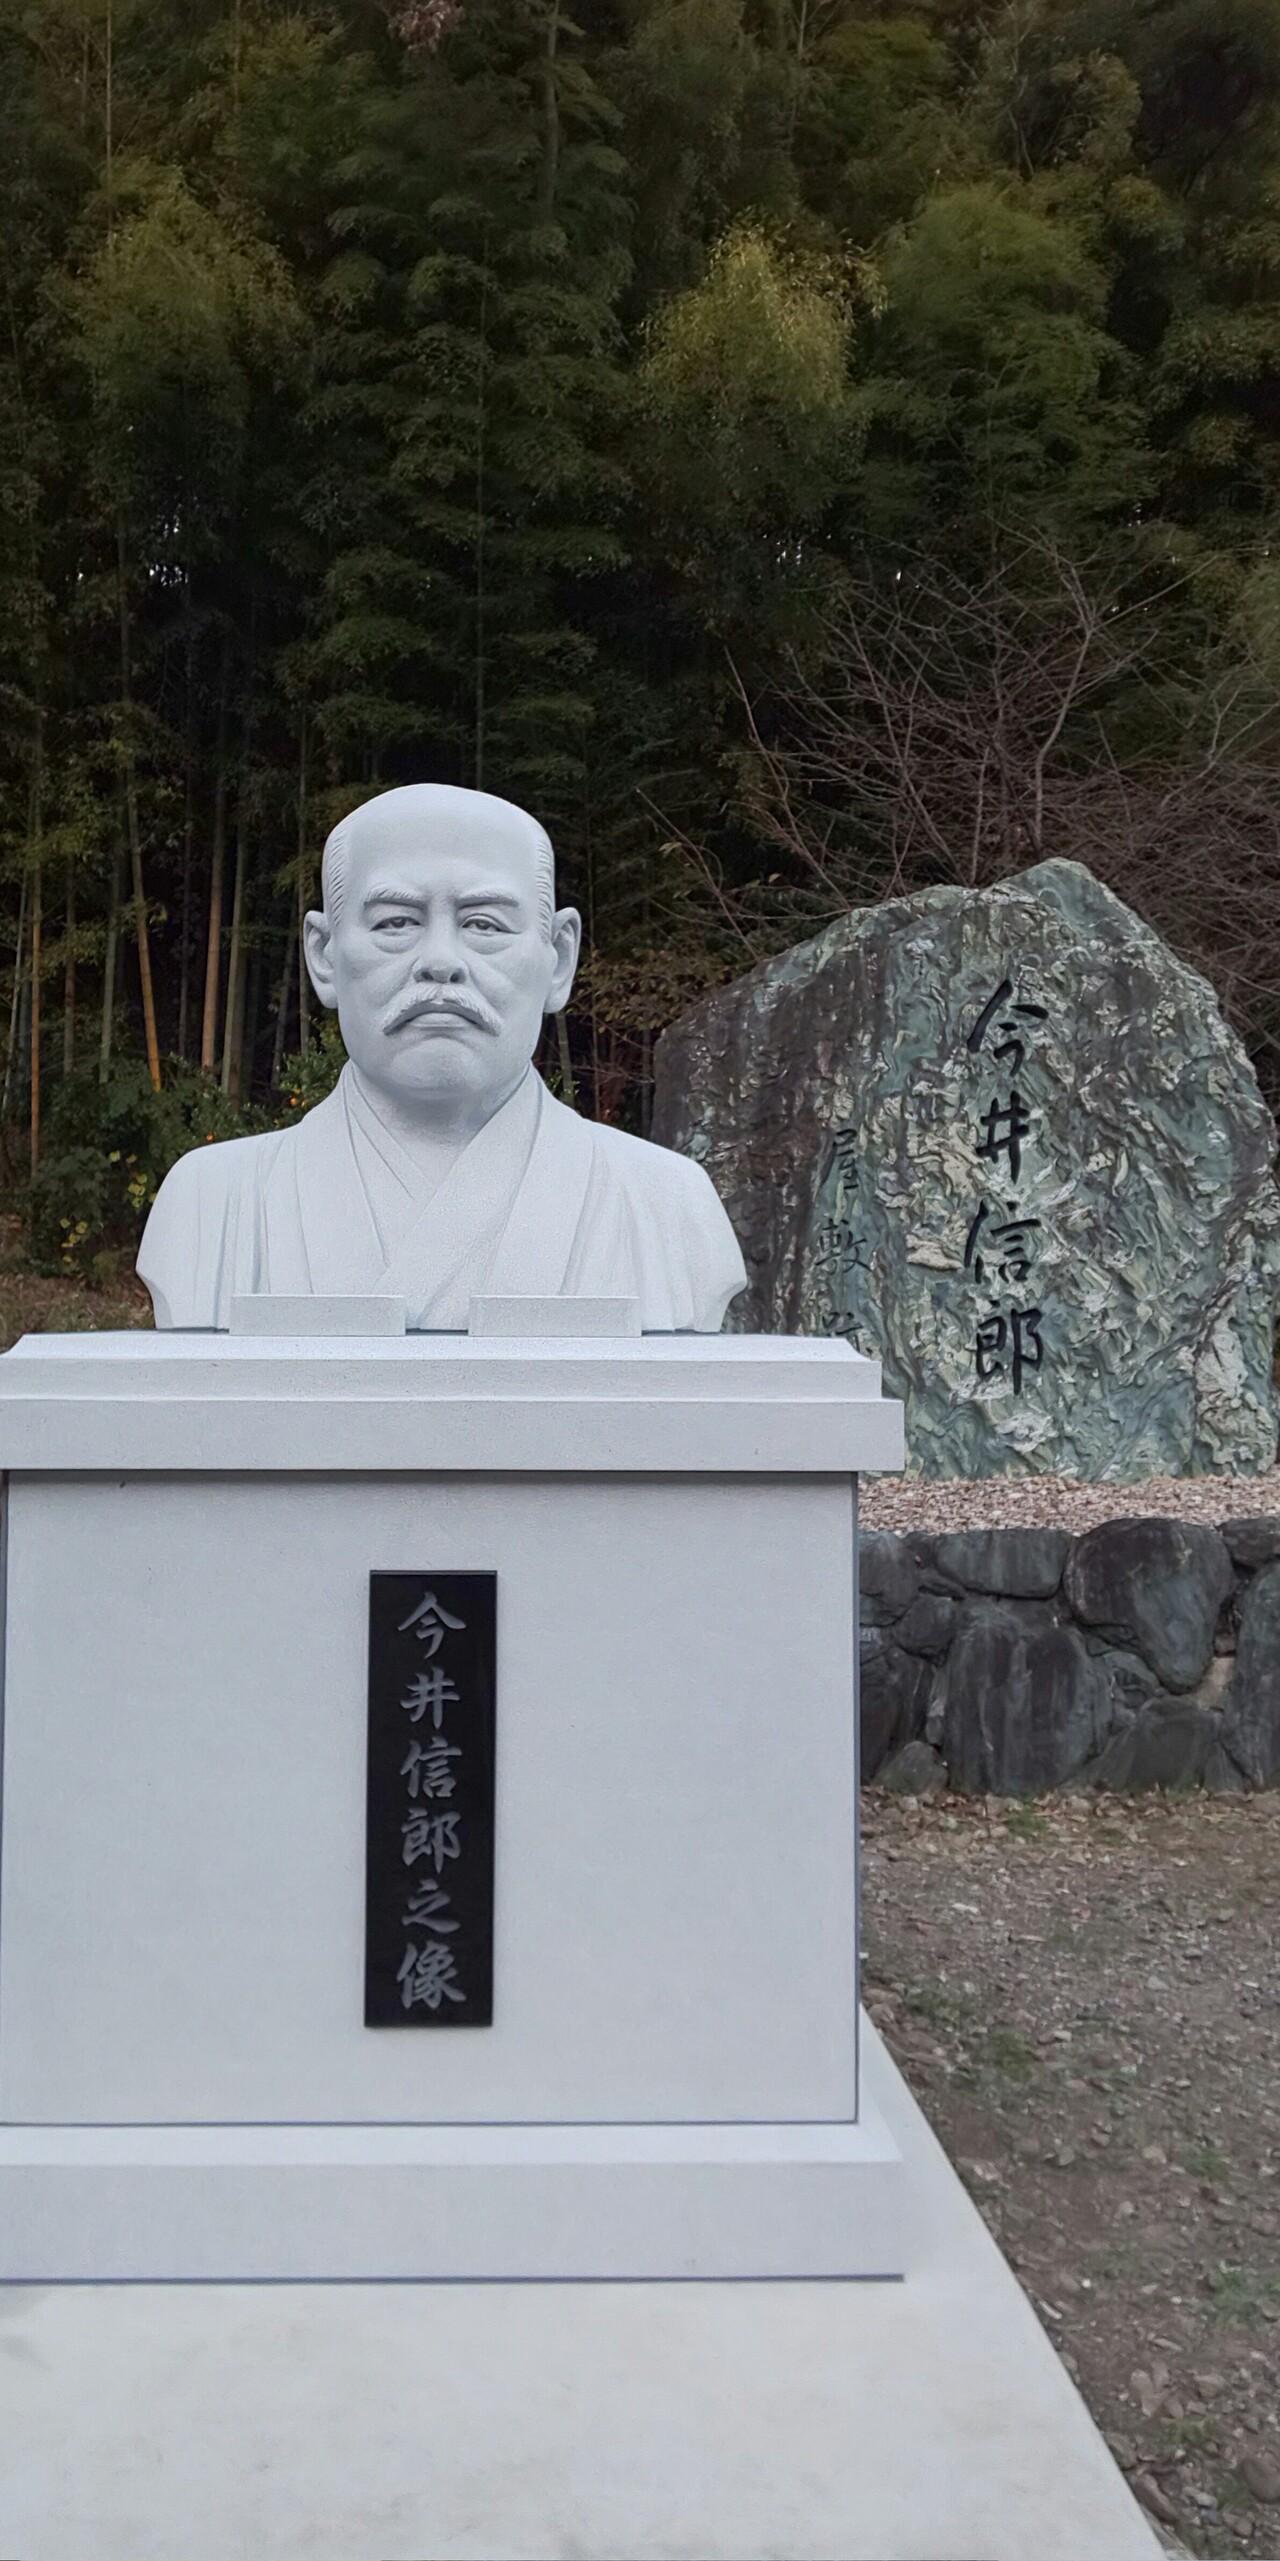 場所 暗殺 坂本 龍馬